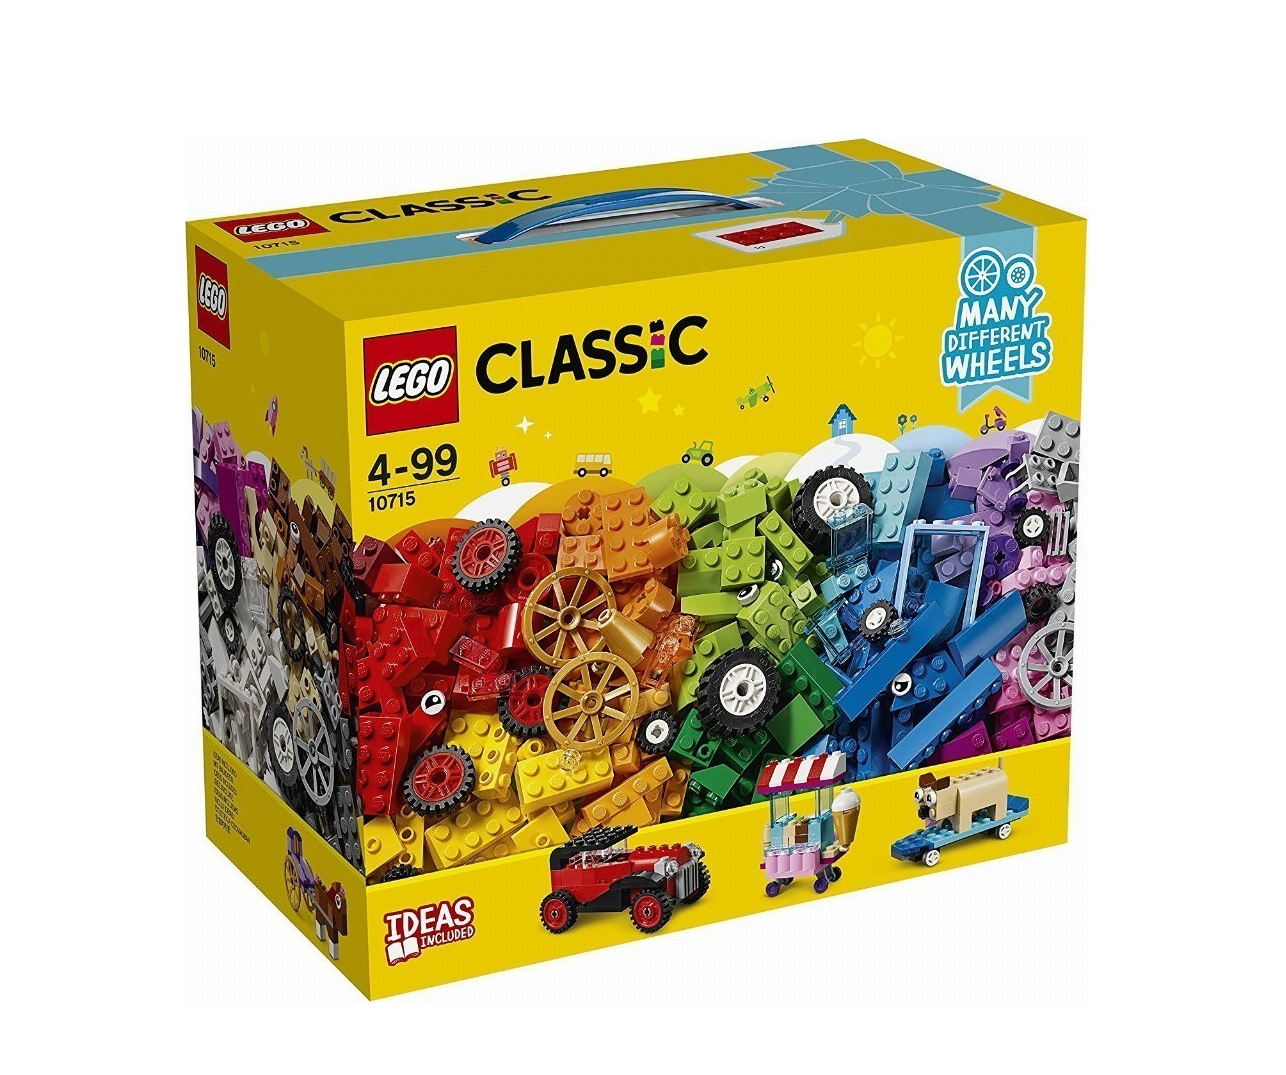 Lego Classic: Bricks On A Roll 10715